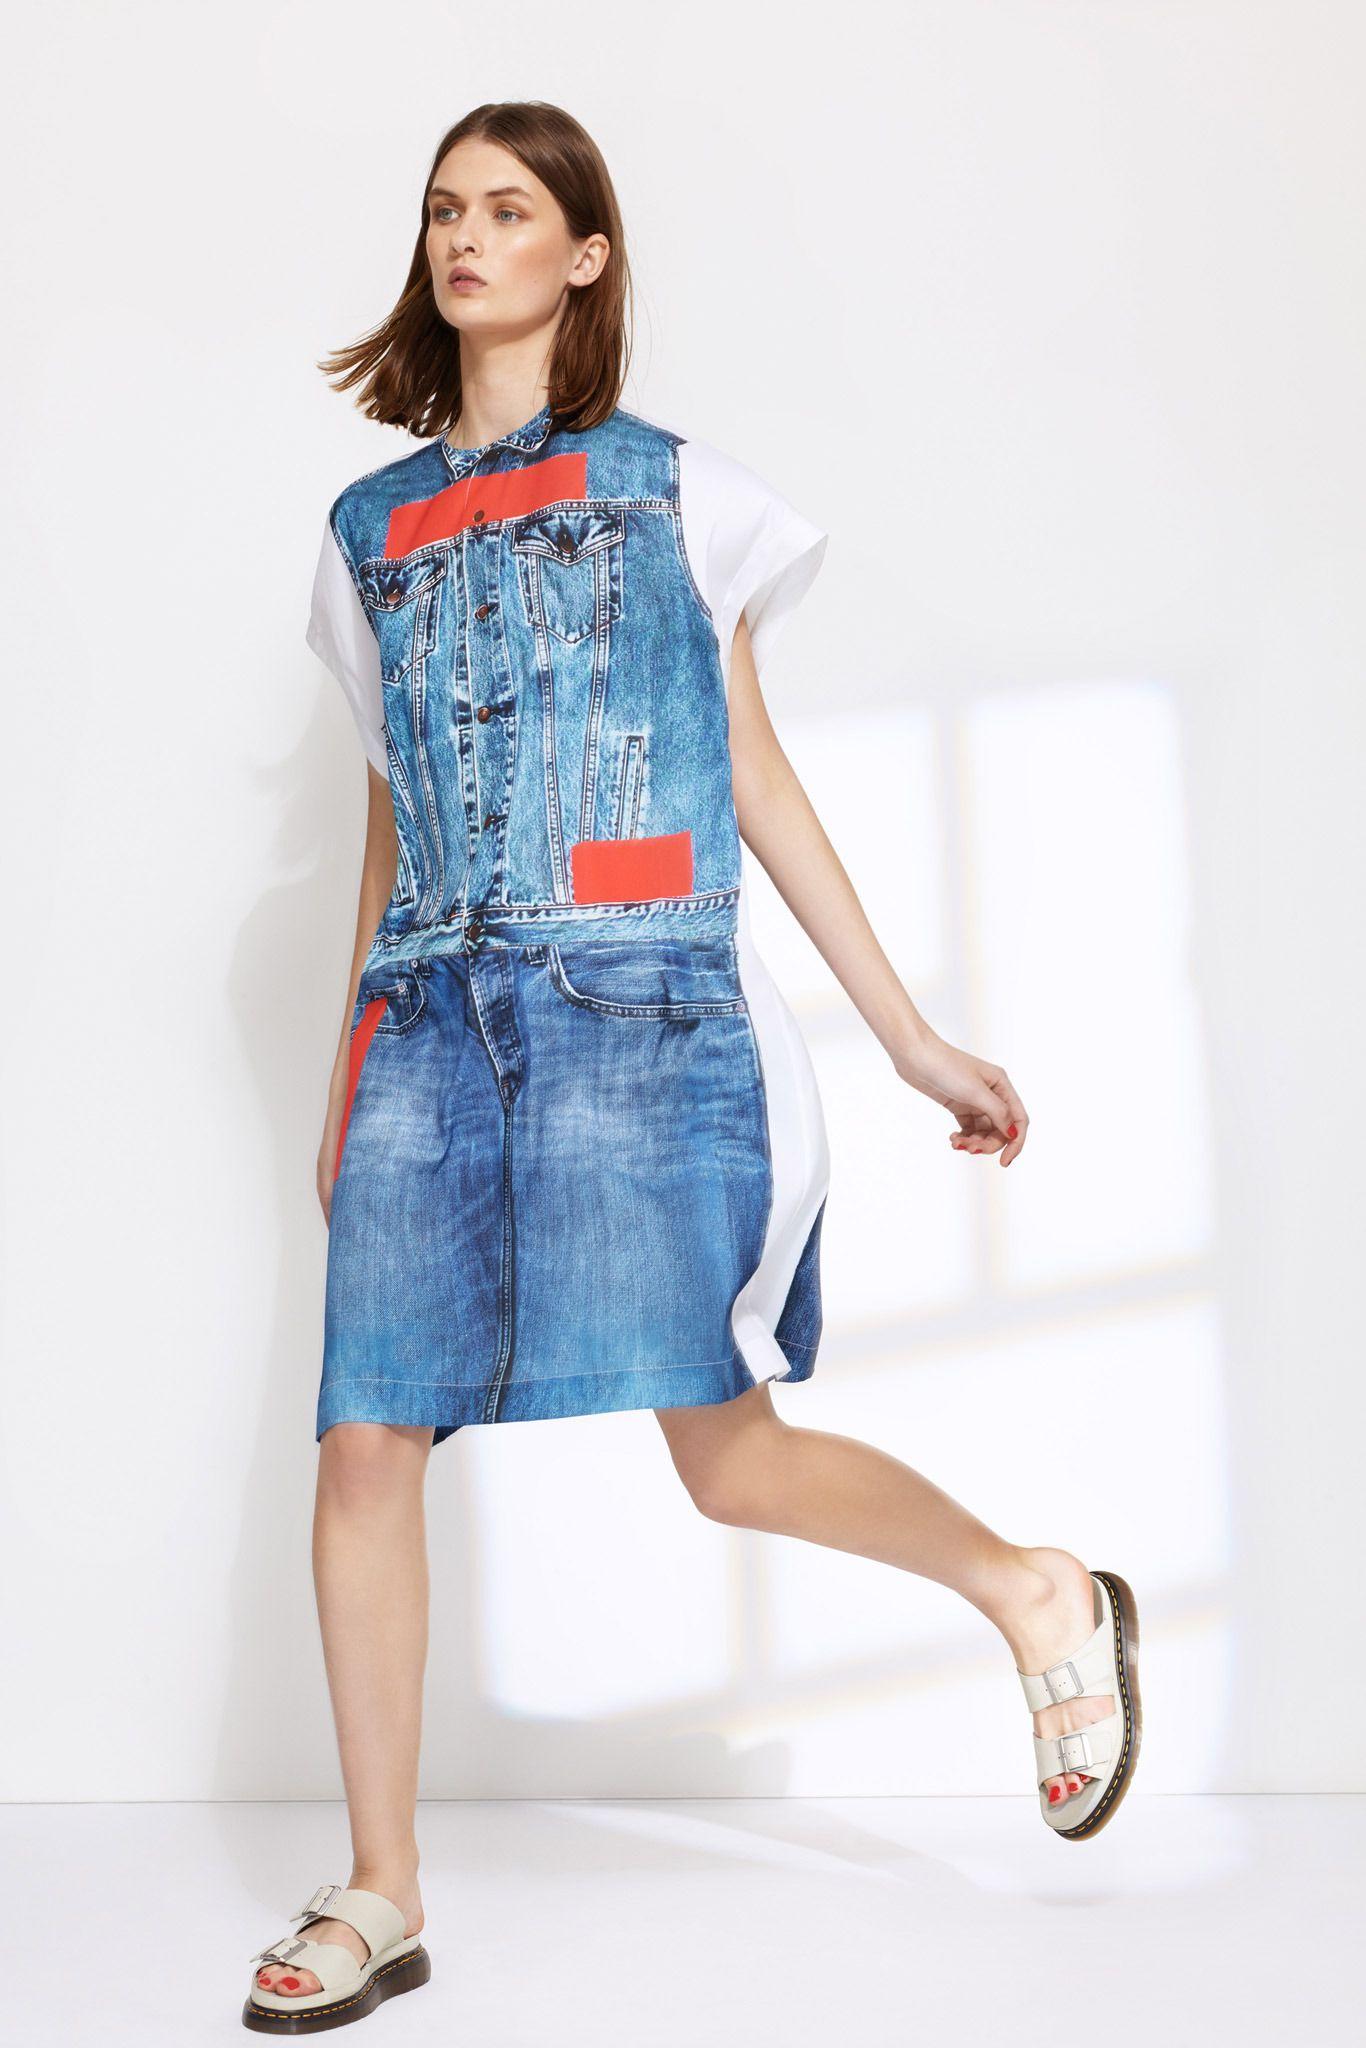 Молодежные коллекции одежды на летний сезон